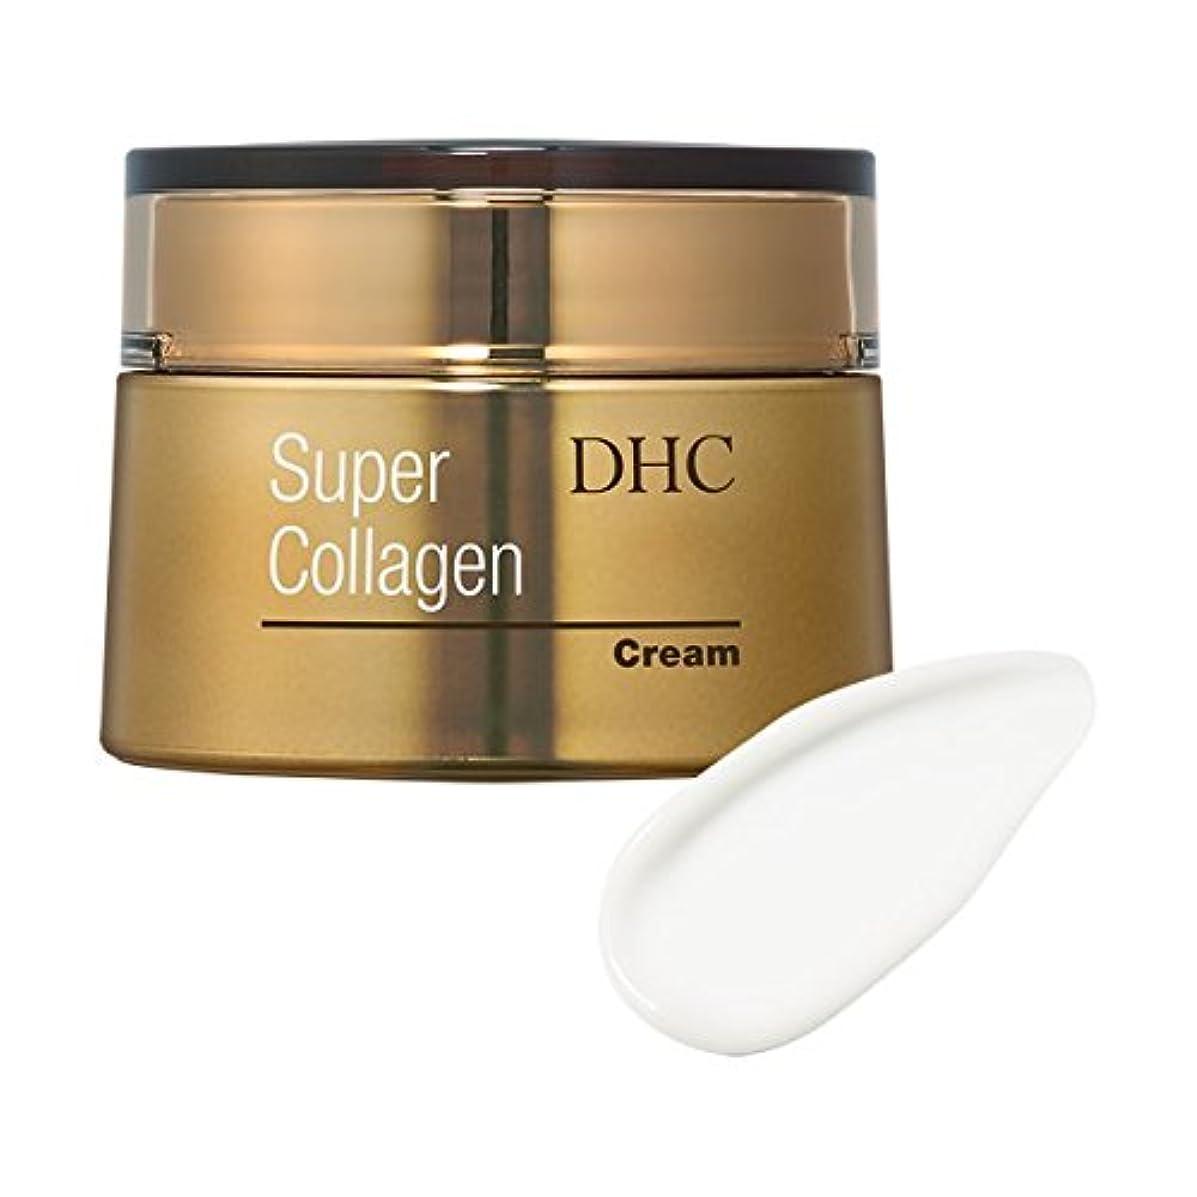 なくなるなるスロープDHC スパコラ クリーム 50g スーパーコラーゲン